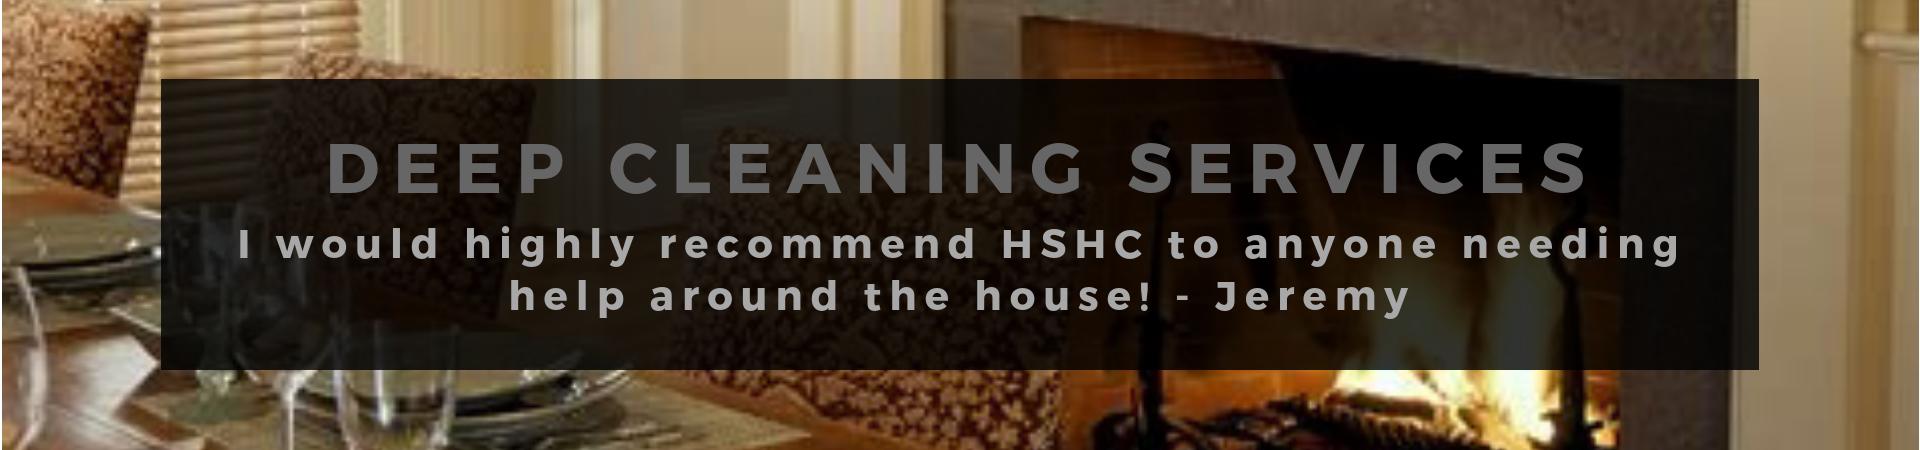 HSHC Fall 2019 Slides v2(3)